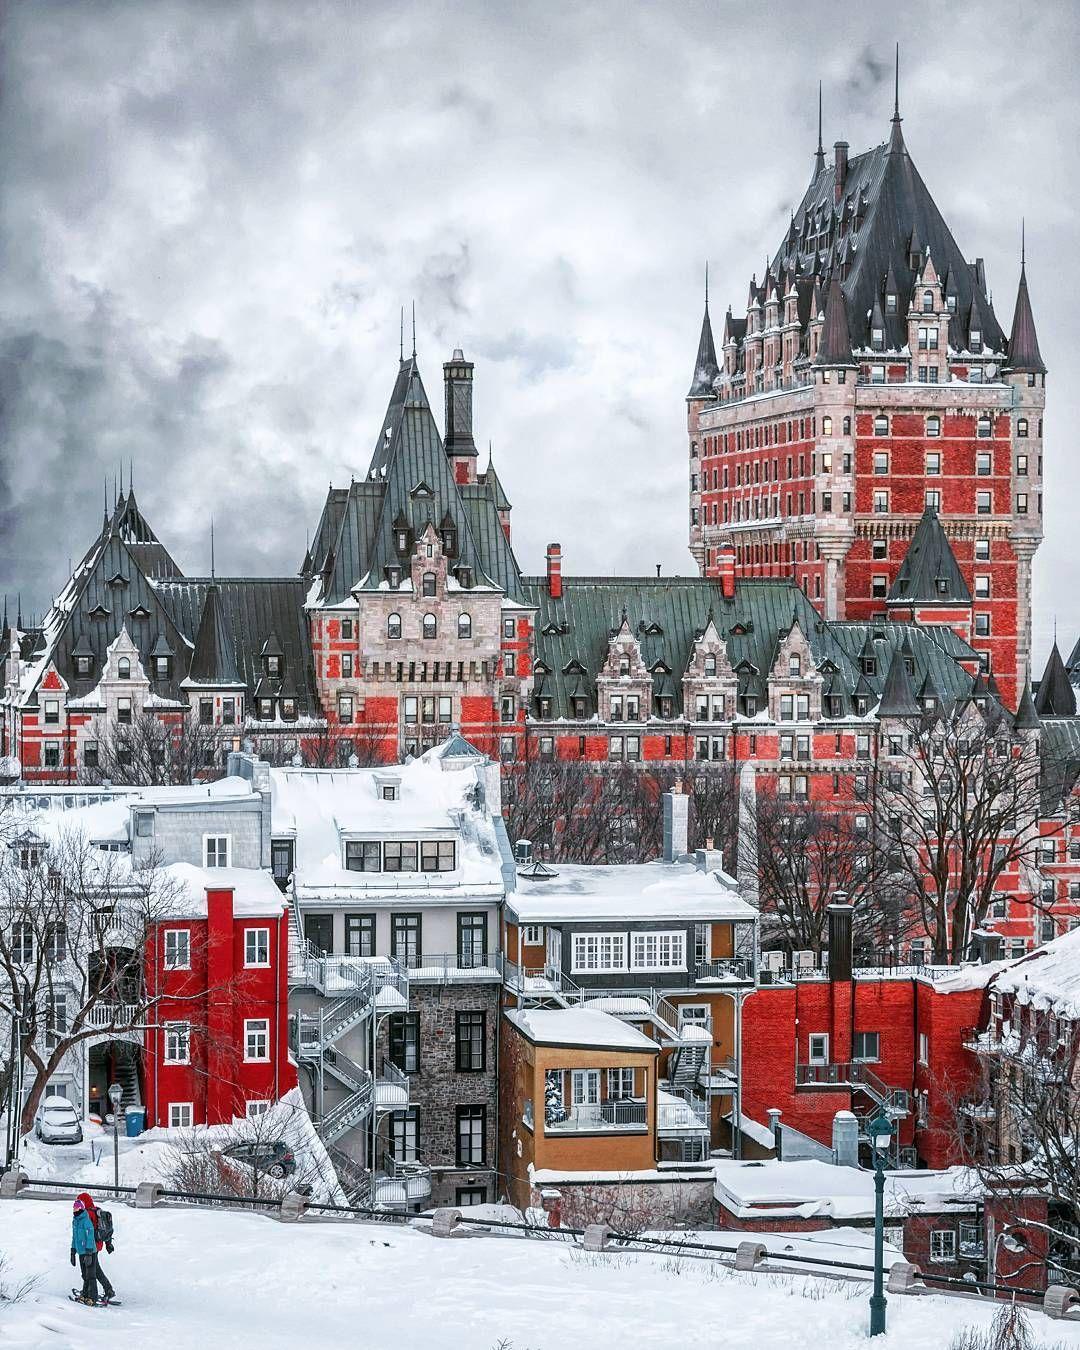 Fairmont Le Chateau Frontenac Quebec City Quebec By Emmanuel Coveney Manucoveney On Instagram Quebec City Canada Quebec City Quebec City Winter